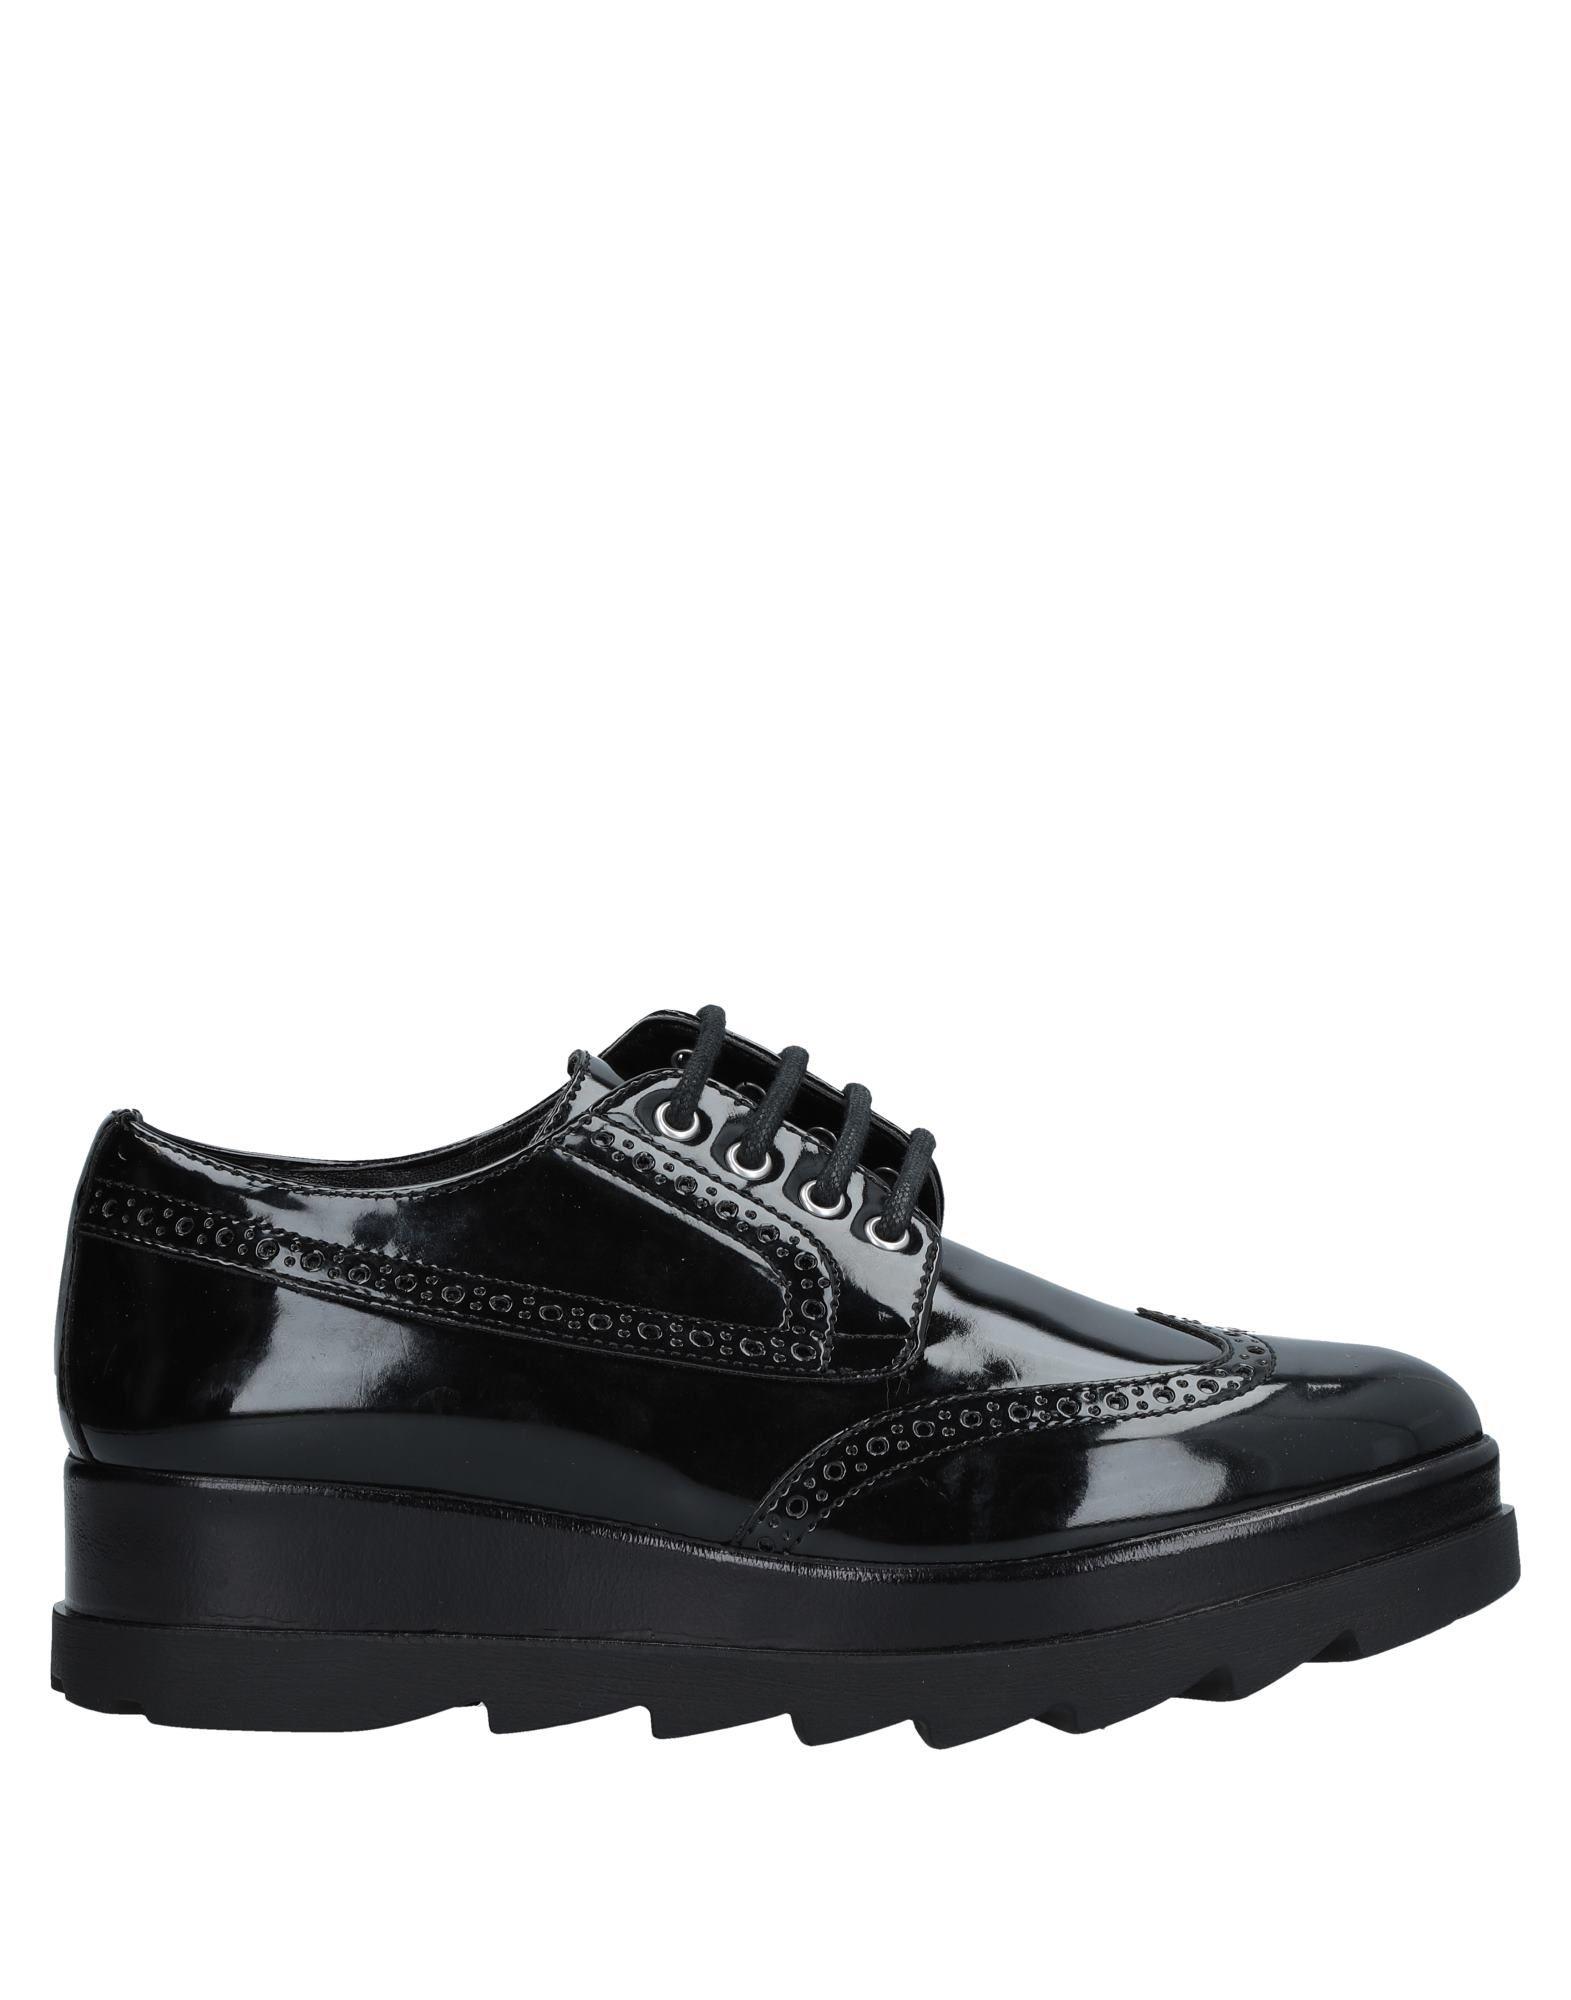 Cult beliebte Schnürschuhe Damen  11537632KI Gute Qualität beliebte Cult Schuhe a0debc